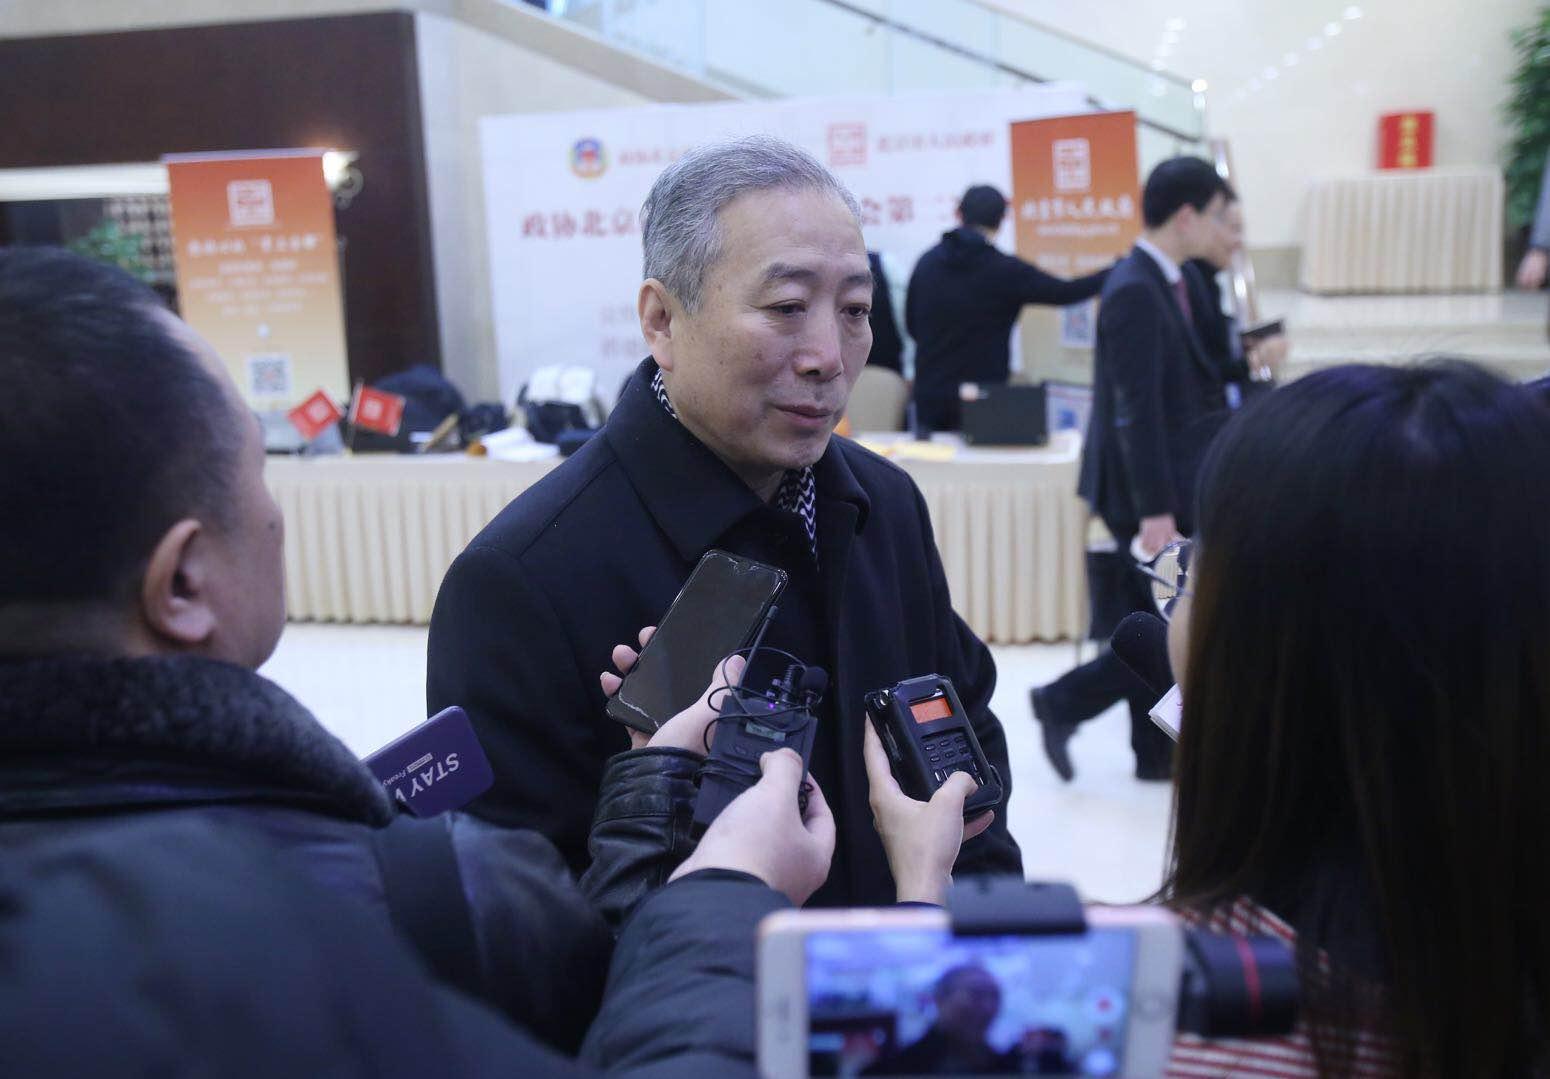 市政协委员宋慰祖报到并接受记者采访。新京报记者 王贵彬/摄